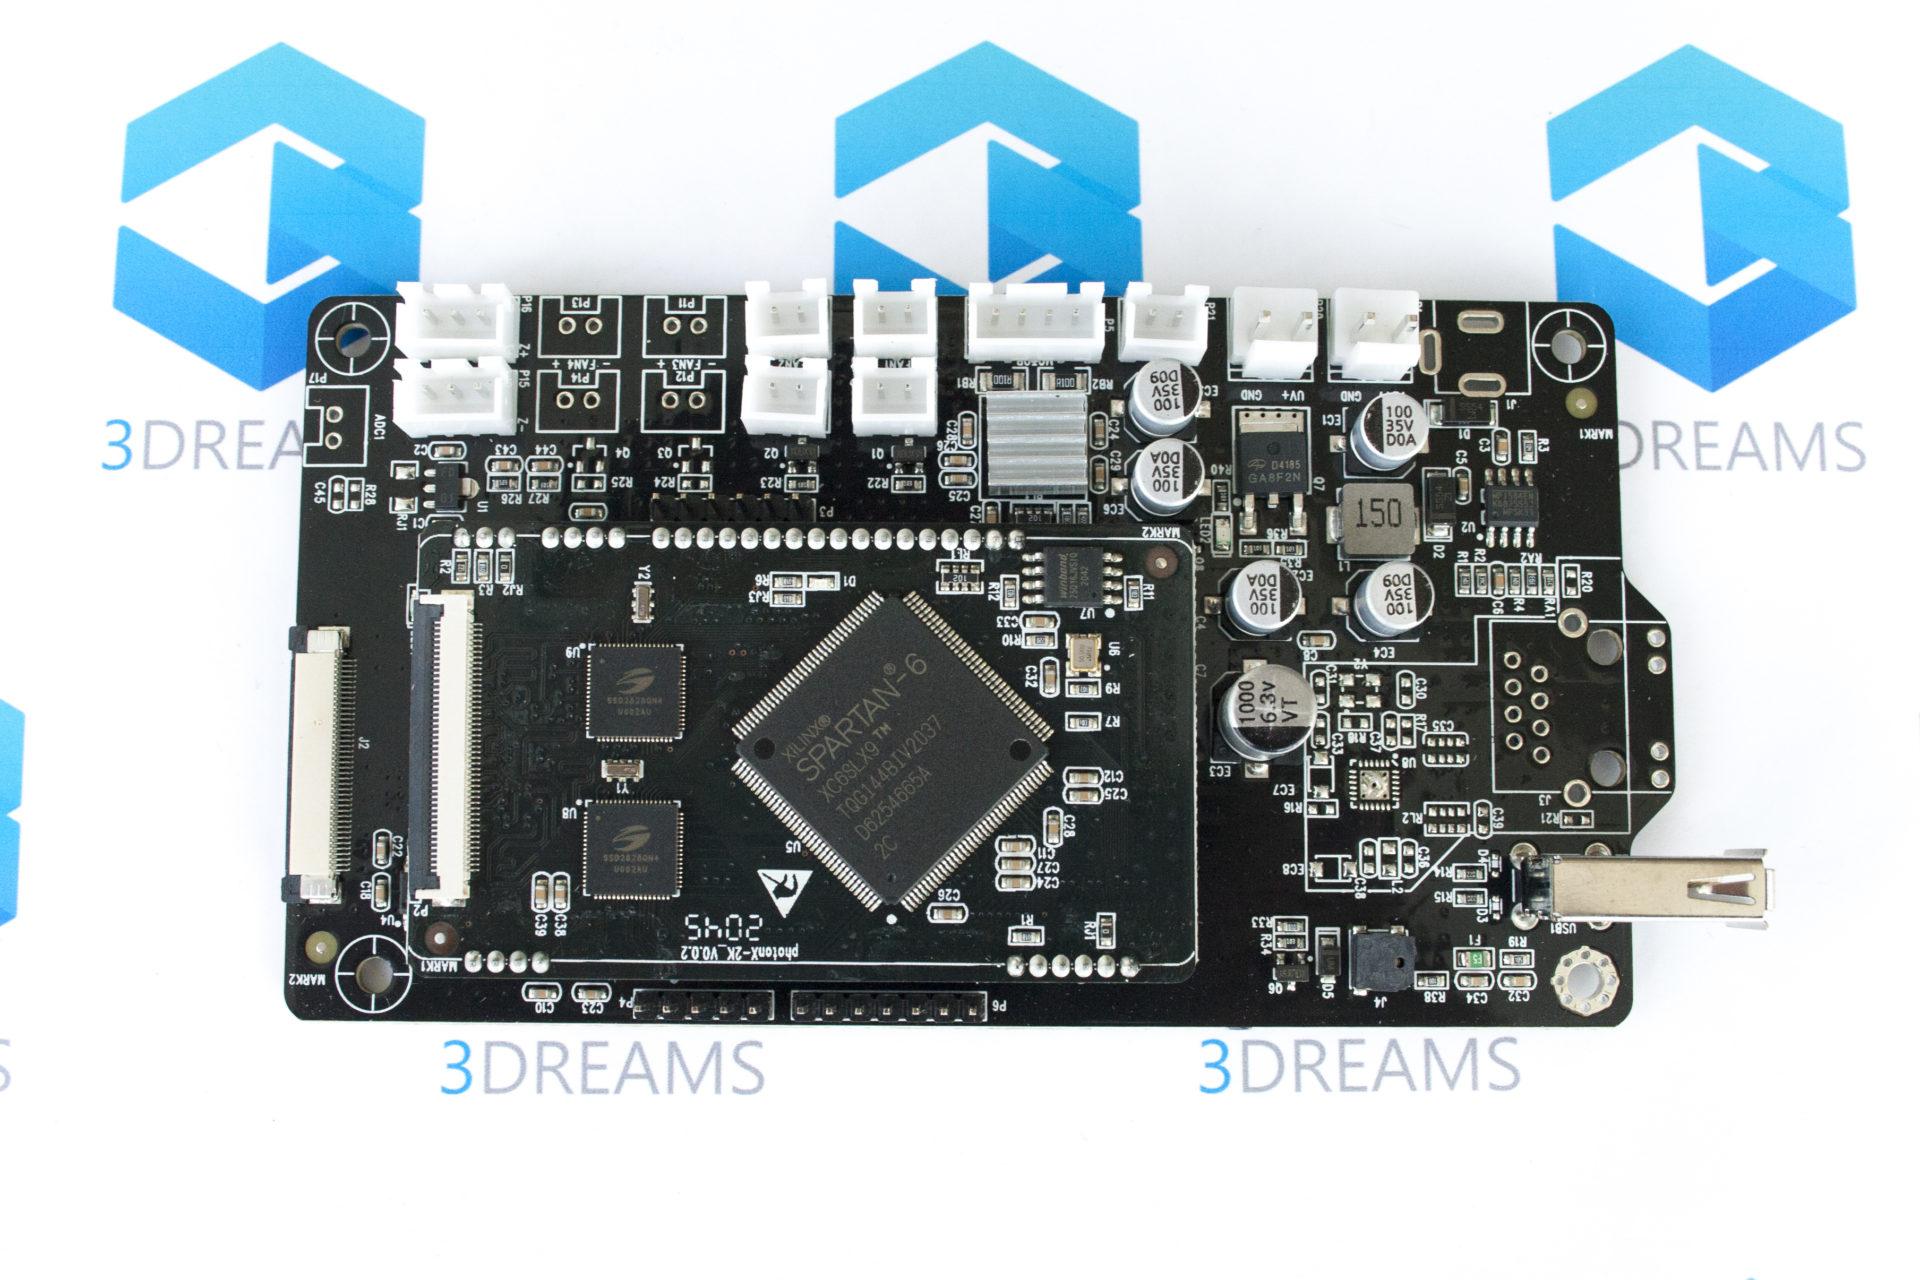 Материнская плата управления для 3D принтера Anycubic Photon Mono X купить киев харьков одесса днепр запорожье львов 1